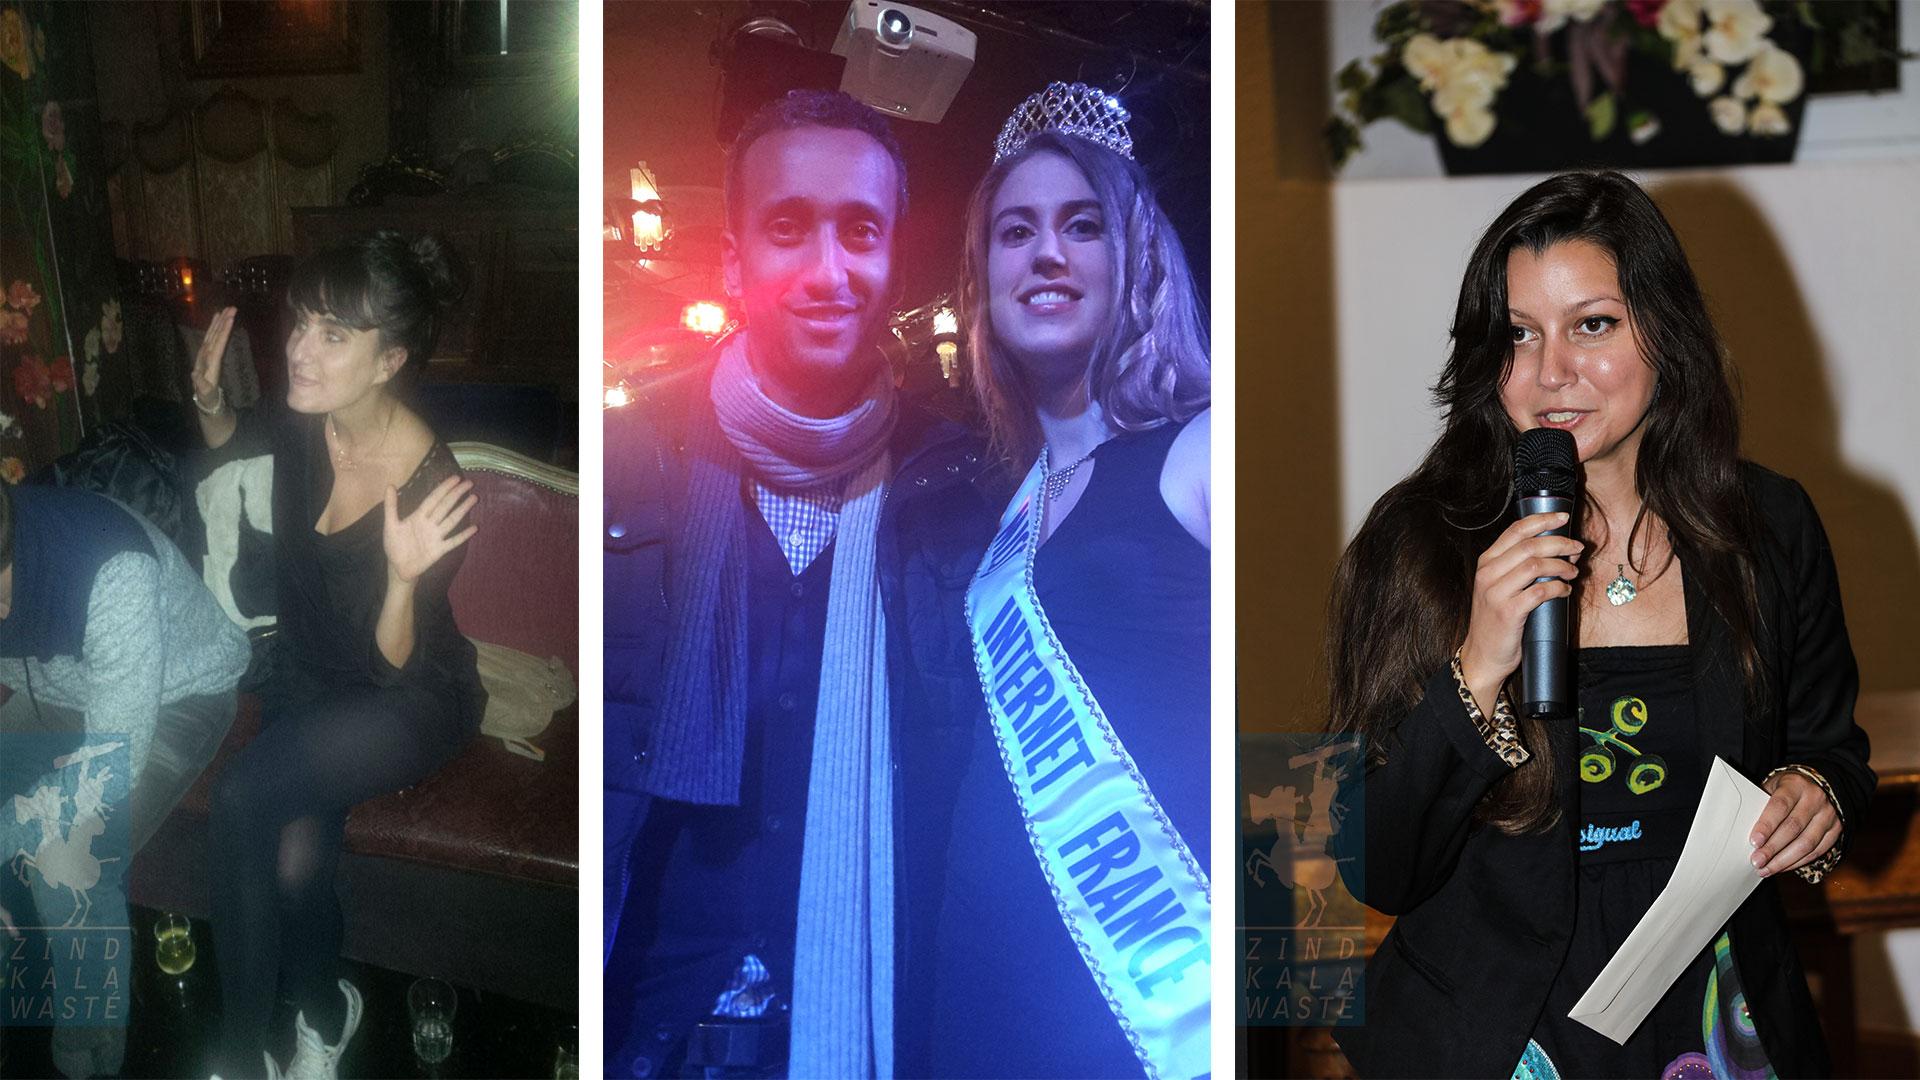 Réalisatrice Aurore Coppa: lauréate du 7ème prix Zind-Kala-Wasté 2015 - YAZ et Miss Internet France 2015 - Réalisatrice Sandrine Minatchi: lauréate du prix Zind-Kala-Wasté Pub and Clip 2015